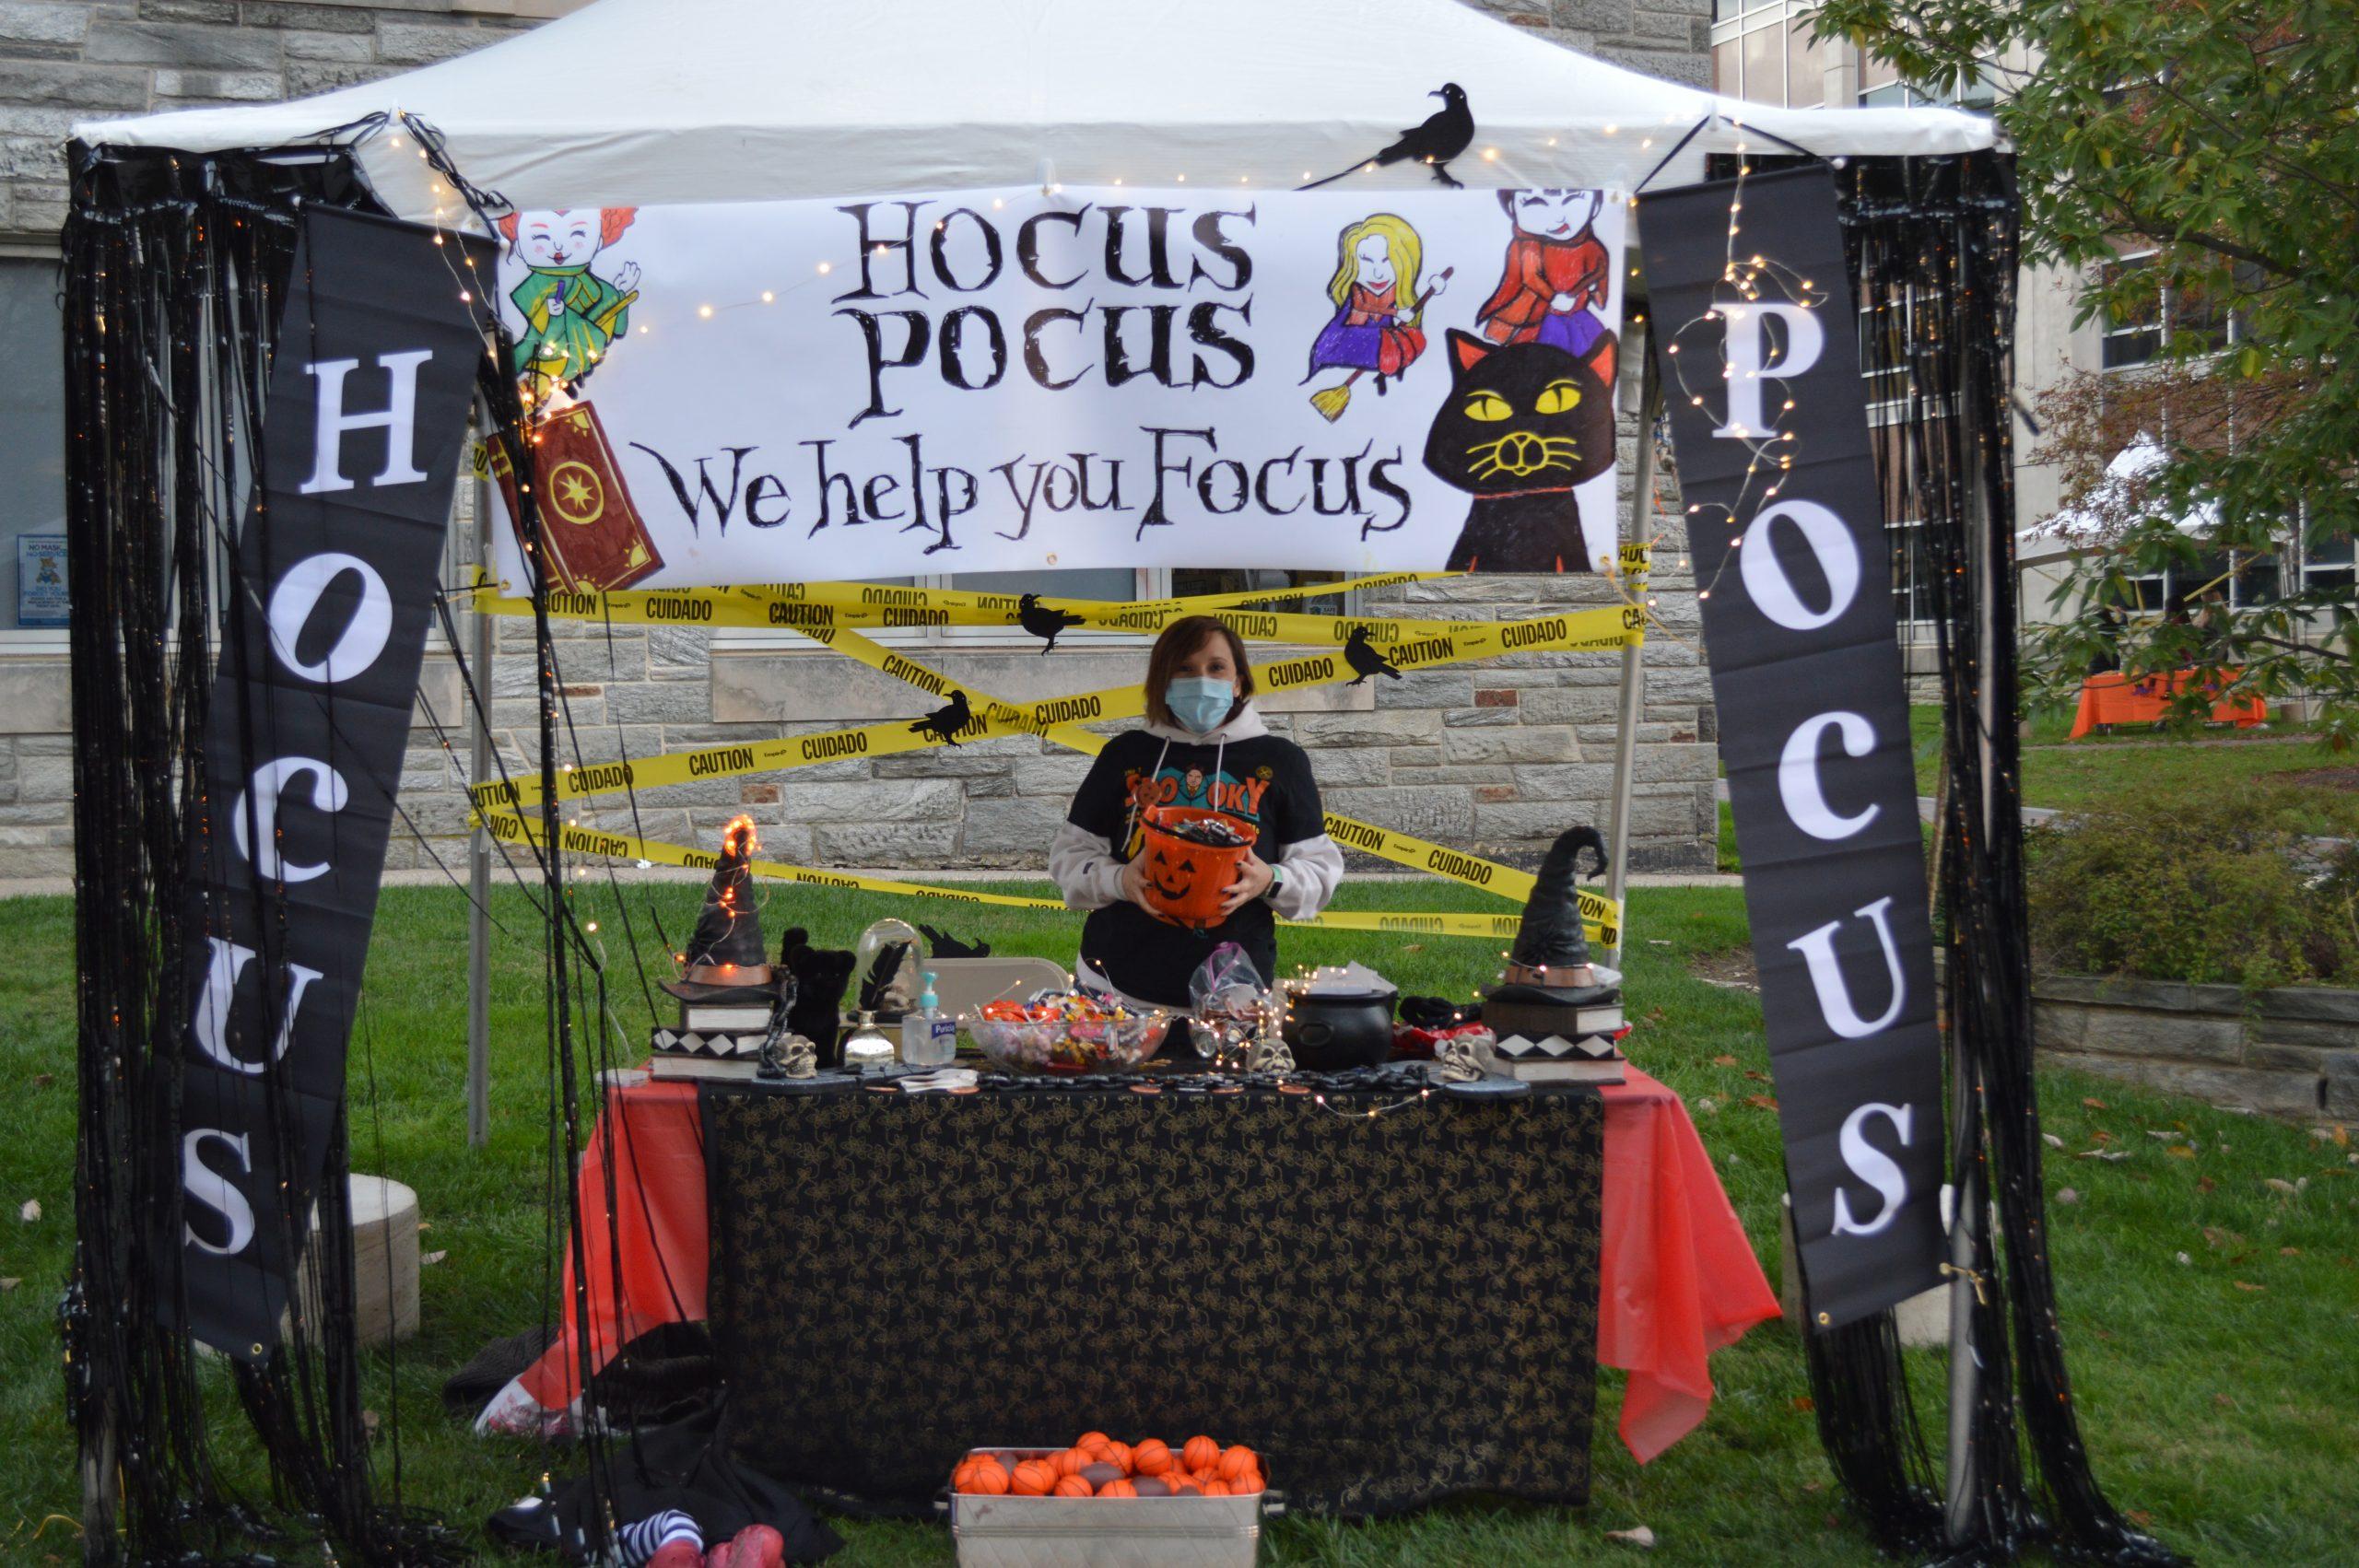 Hocus Pocus Themed Tent